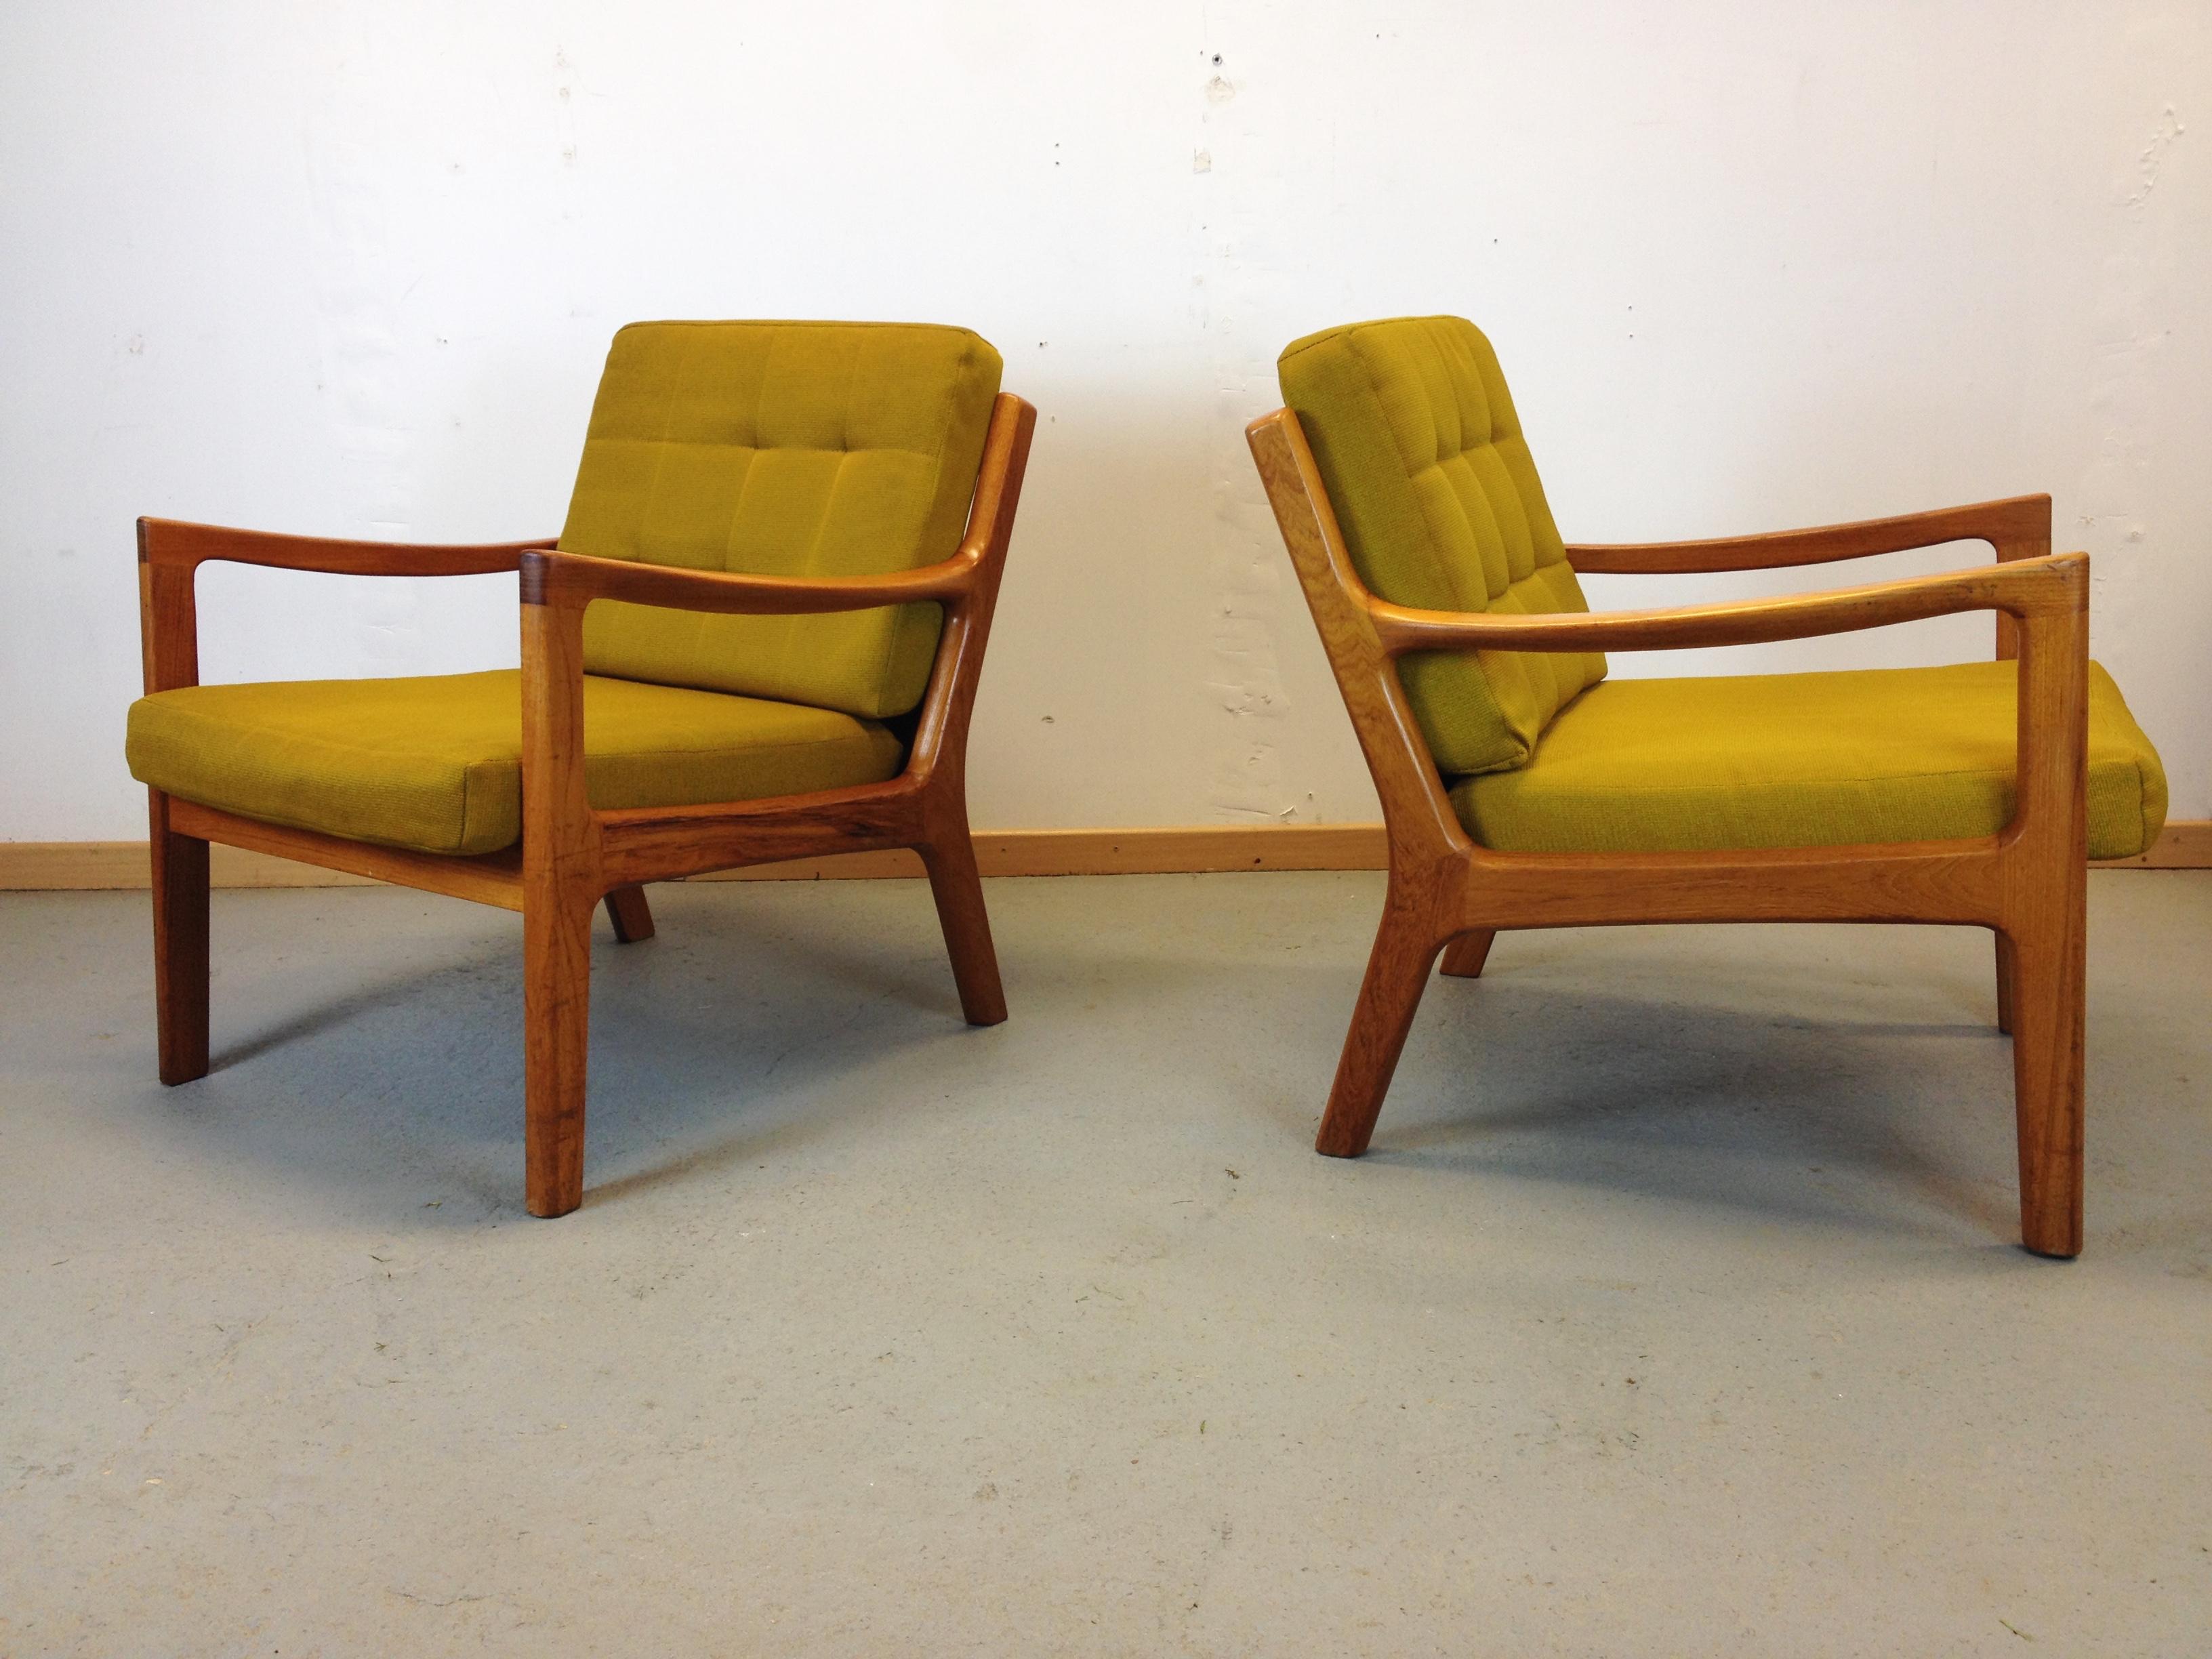 paire fauteuils scandinave annee 60